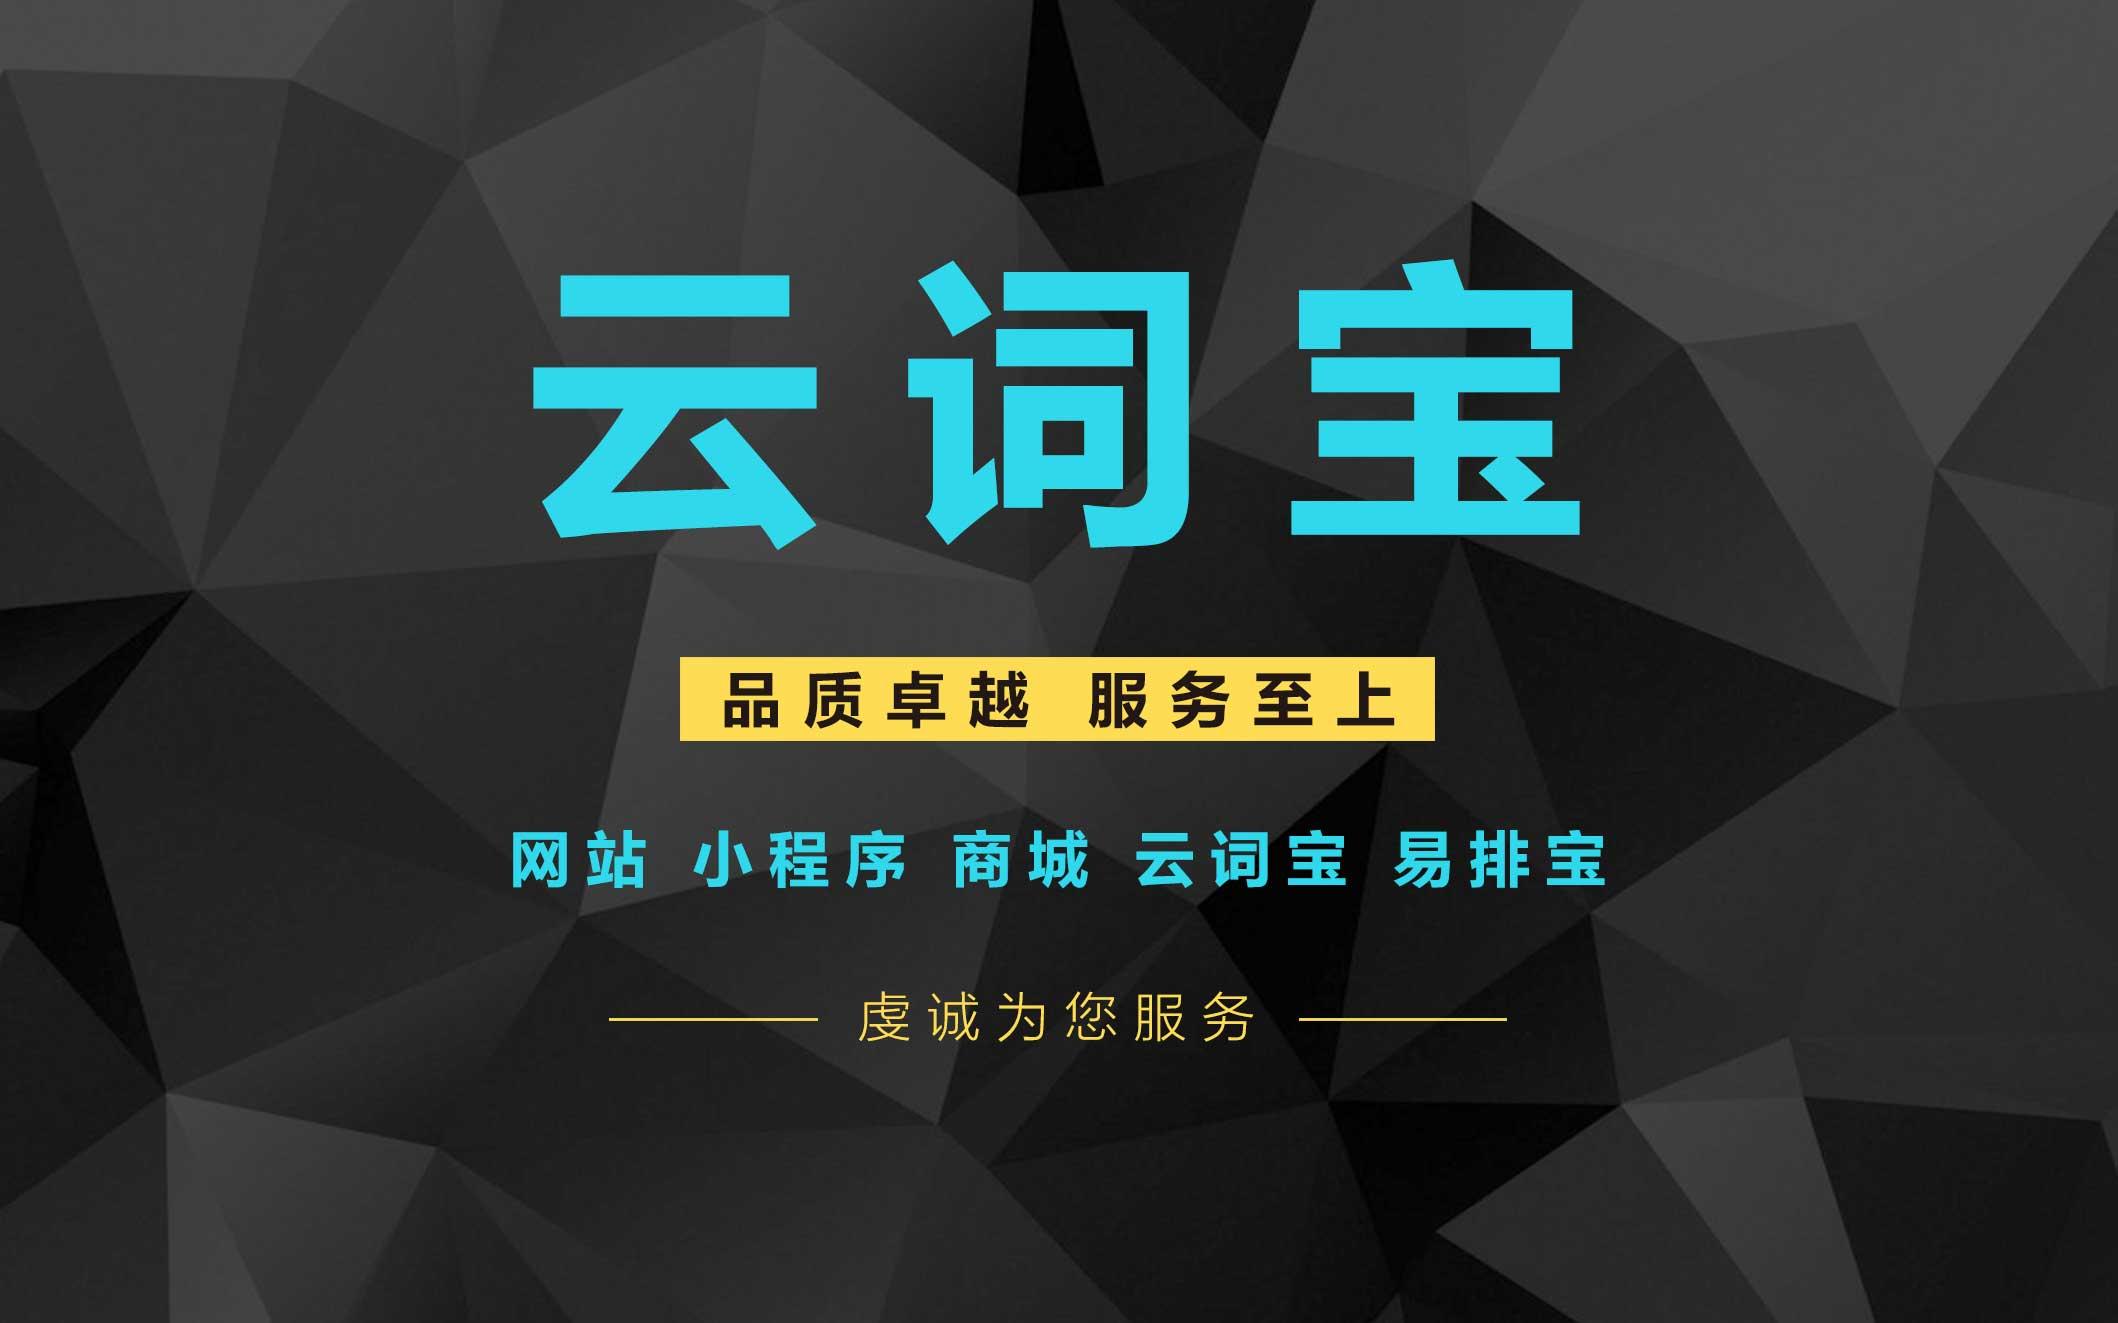 百度SEO/网站优化/SEO推广/快速排名/网站优化百度推广